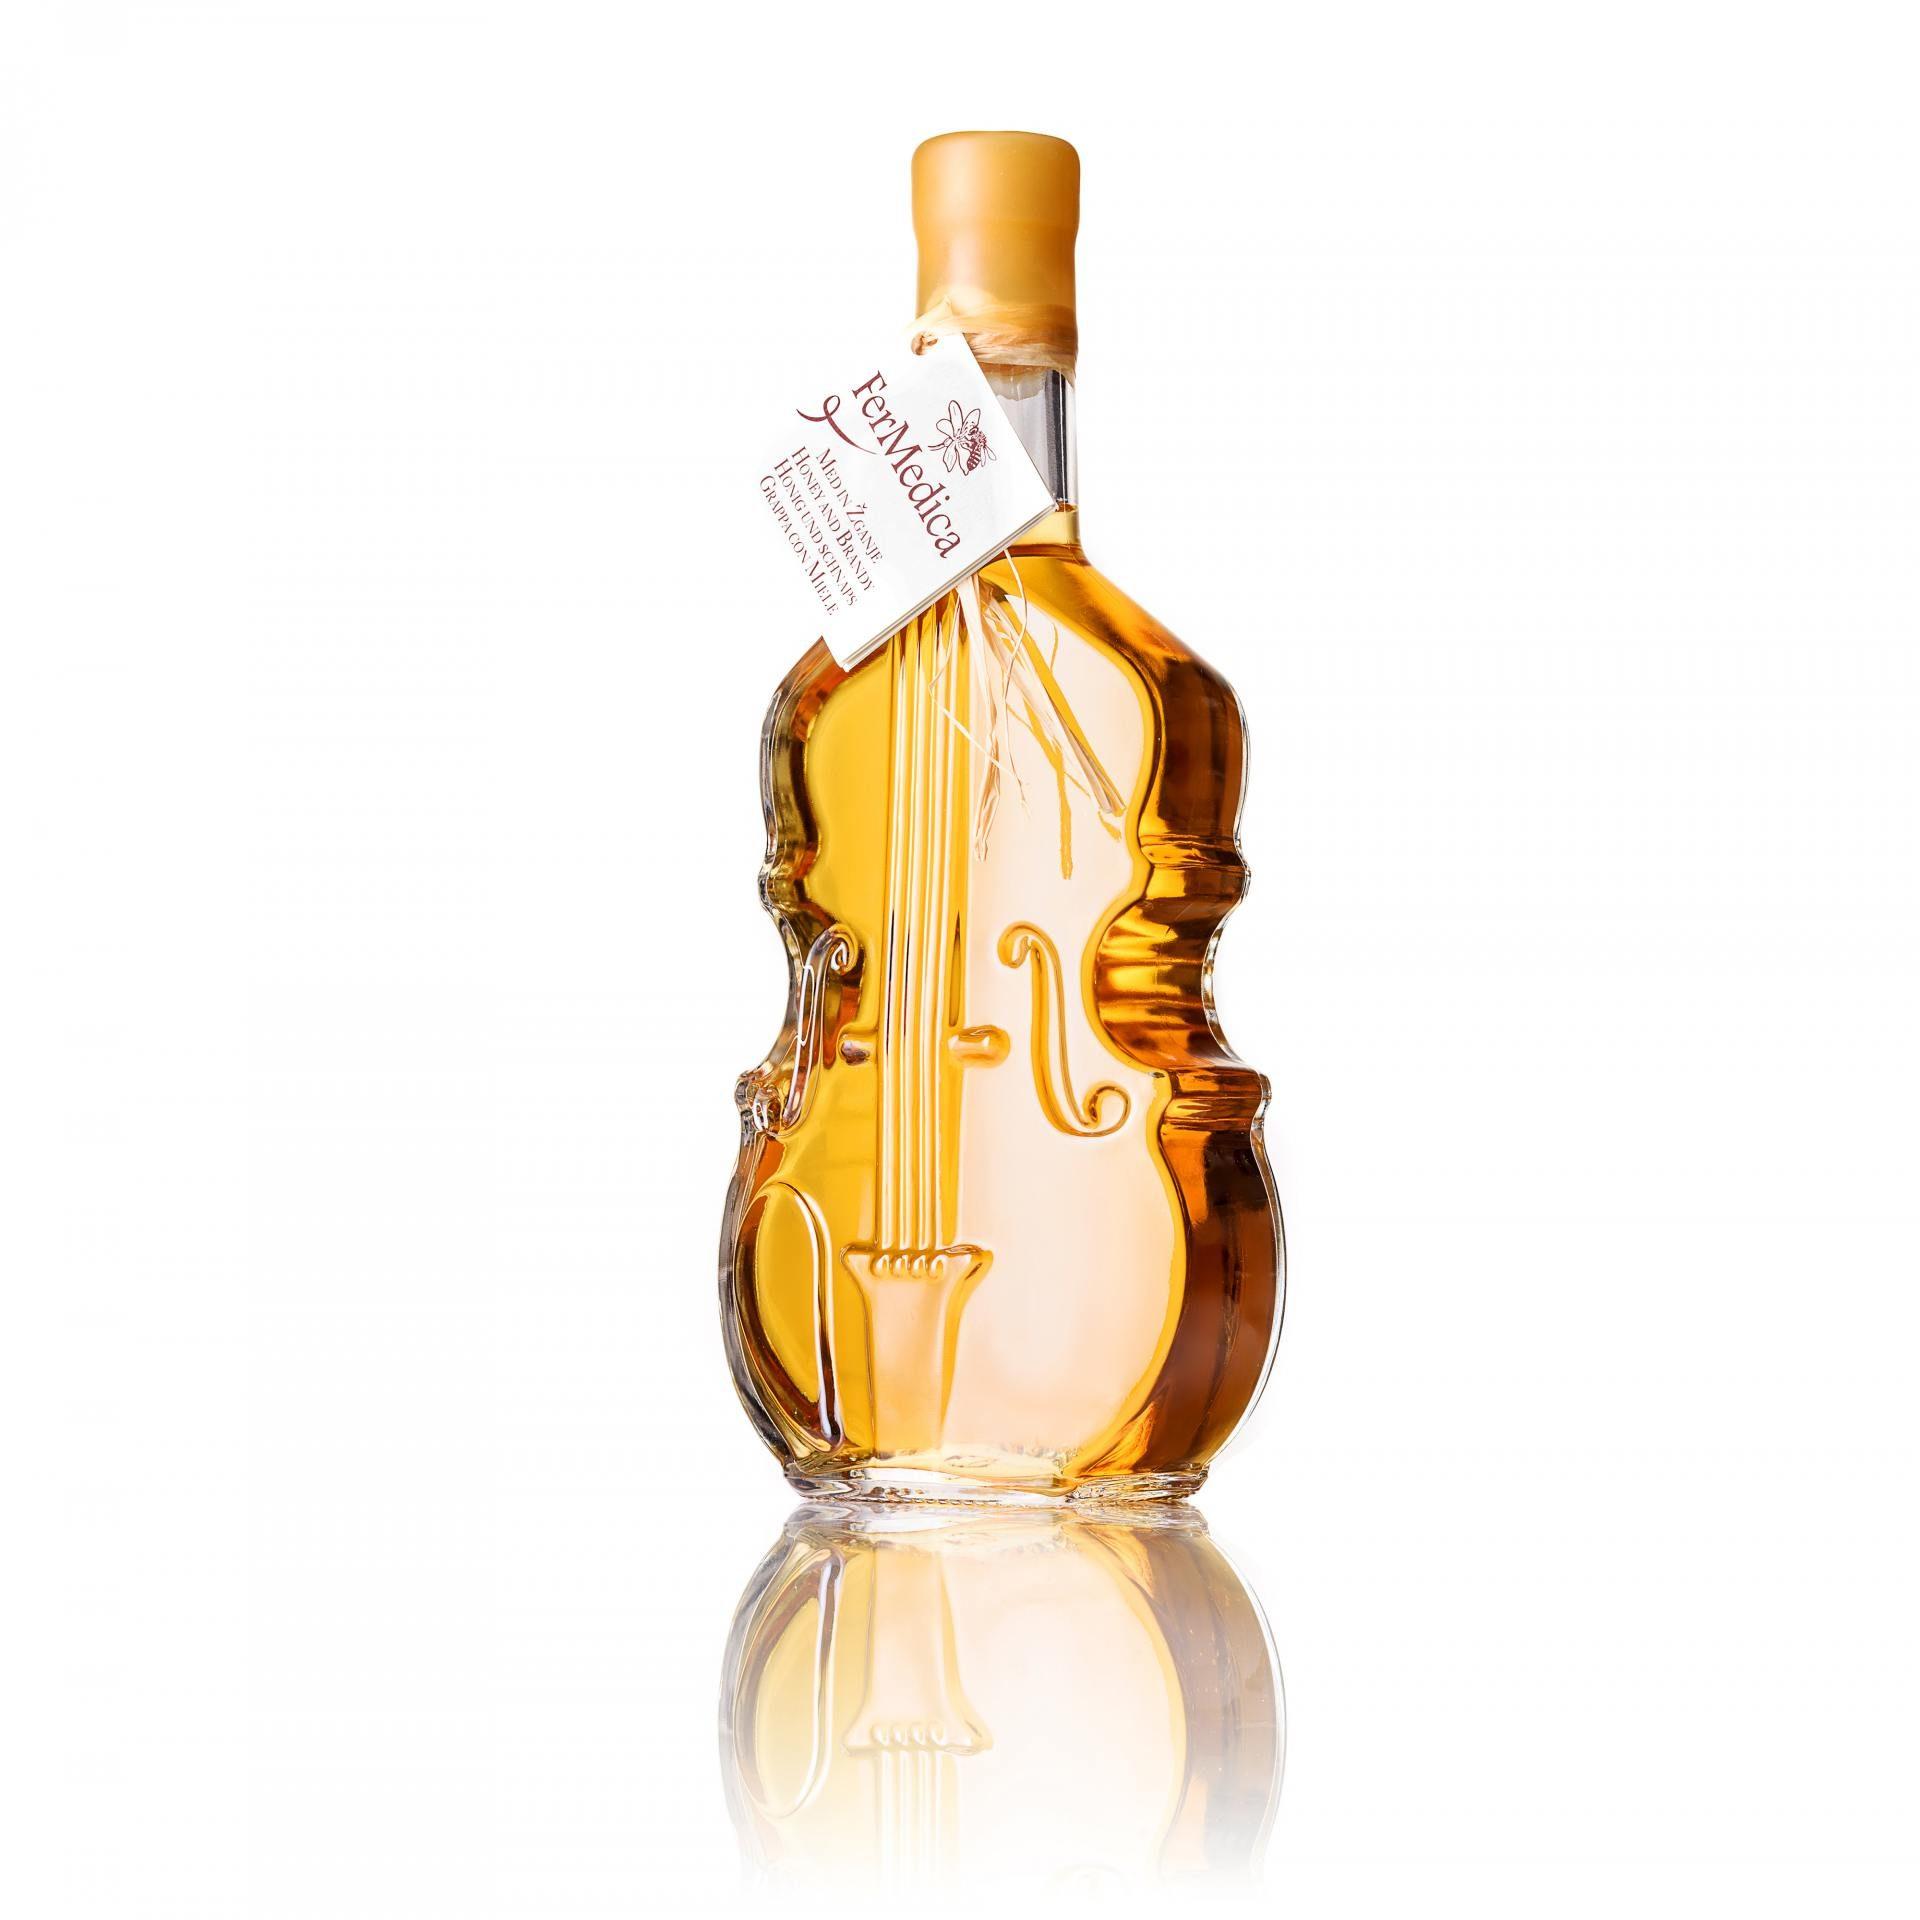 Med in žganje, med z dodatki, darilni seti v lični embalaži fermedica 3